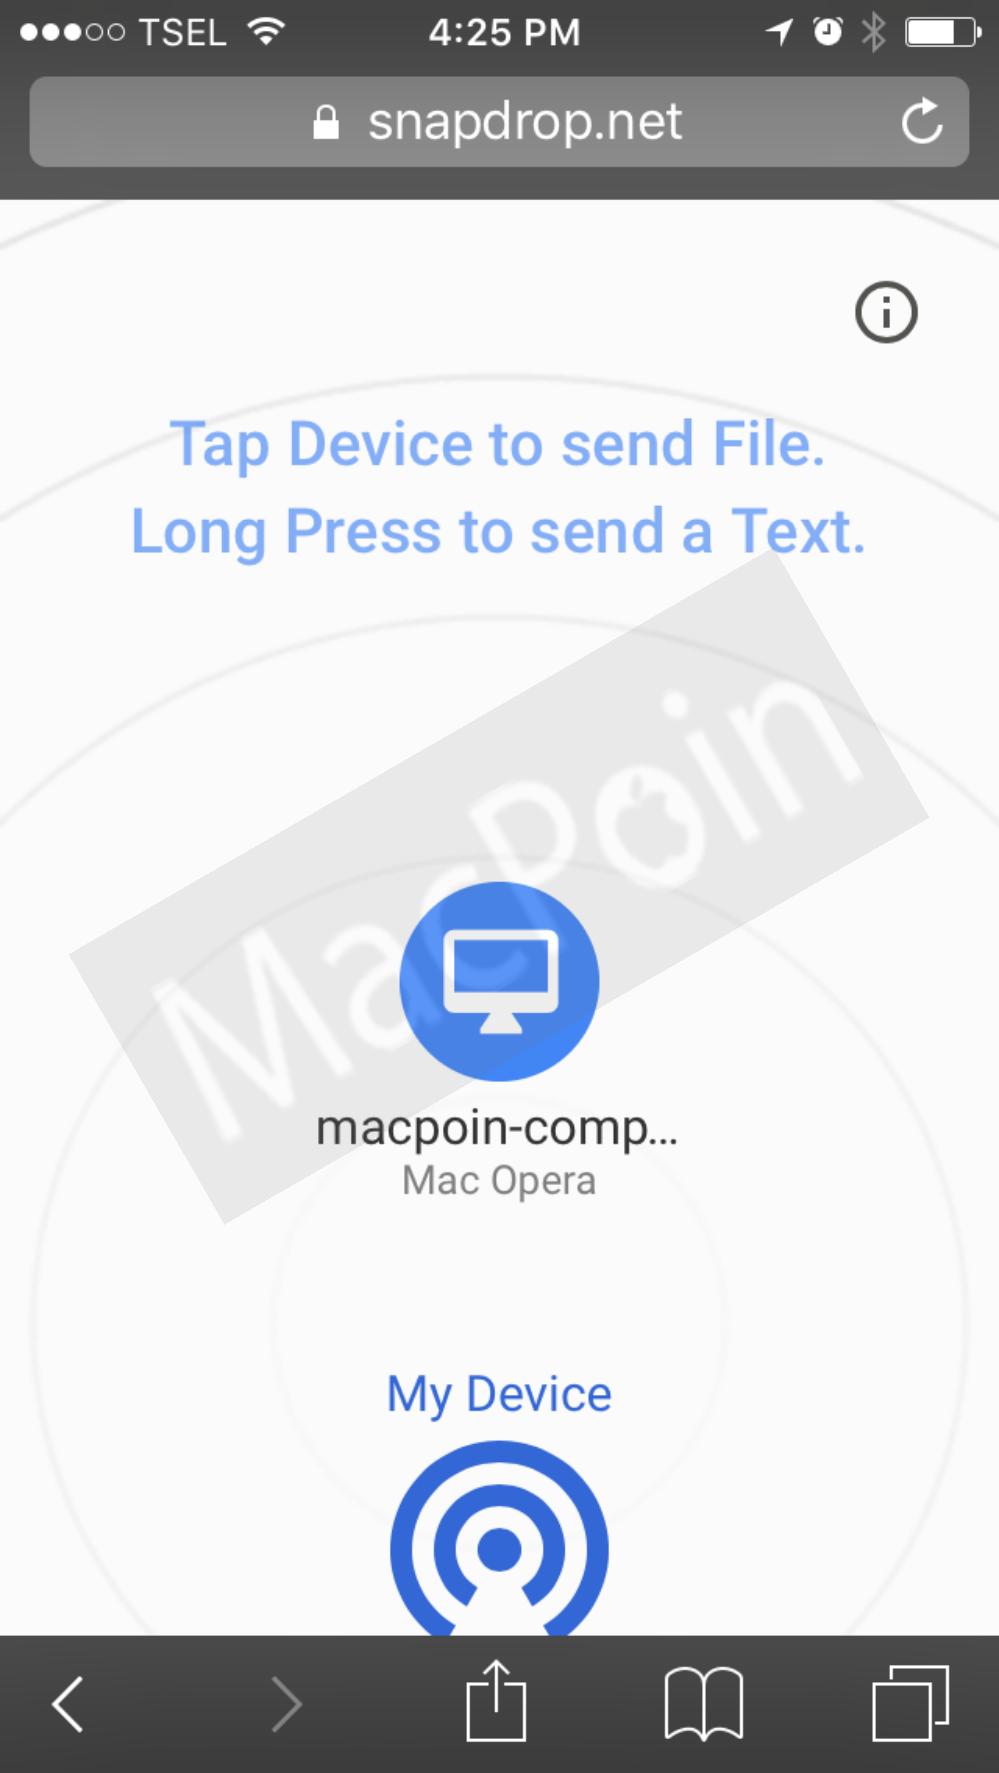 Cara Kirim dan Transfer File Menggunakan Snapdrop